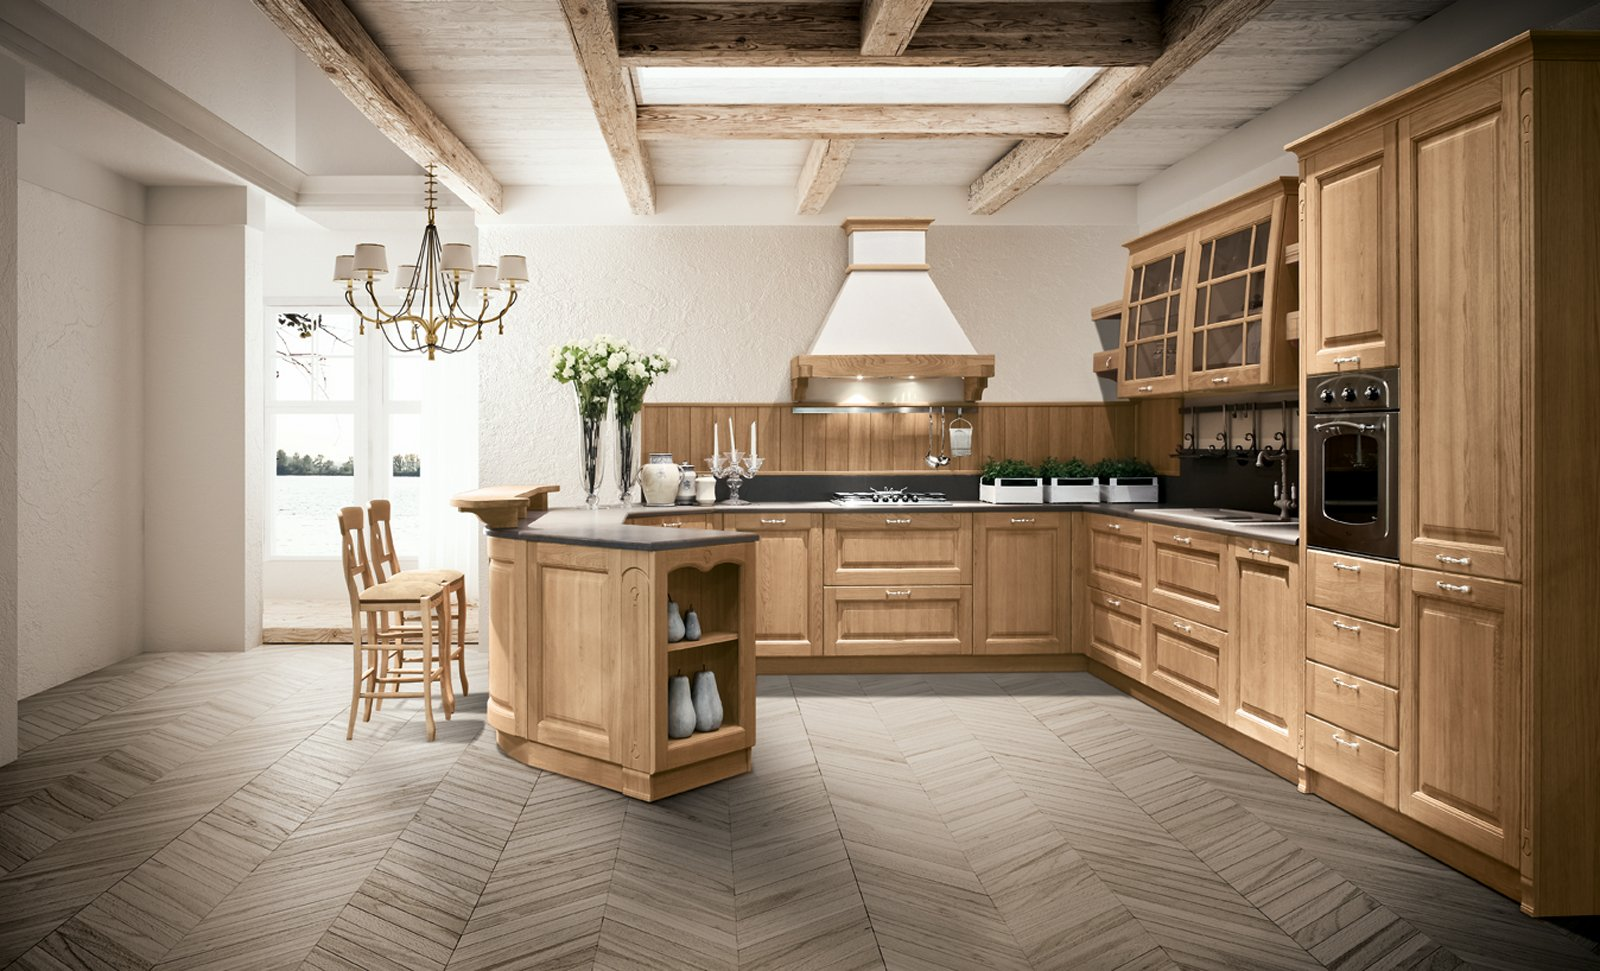 Cucine country chic soprattutto bianche o tinta legno for Arredamento di design naturale